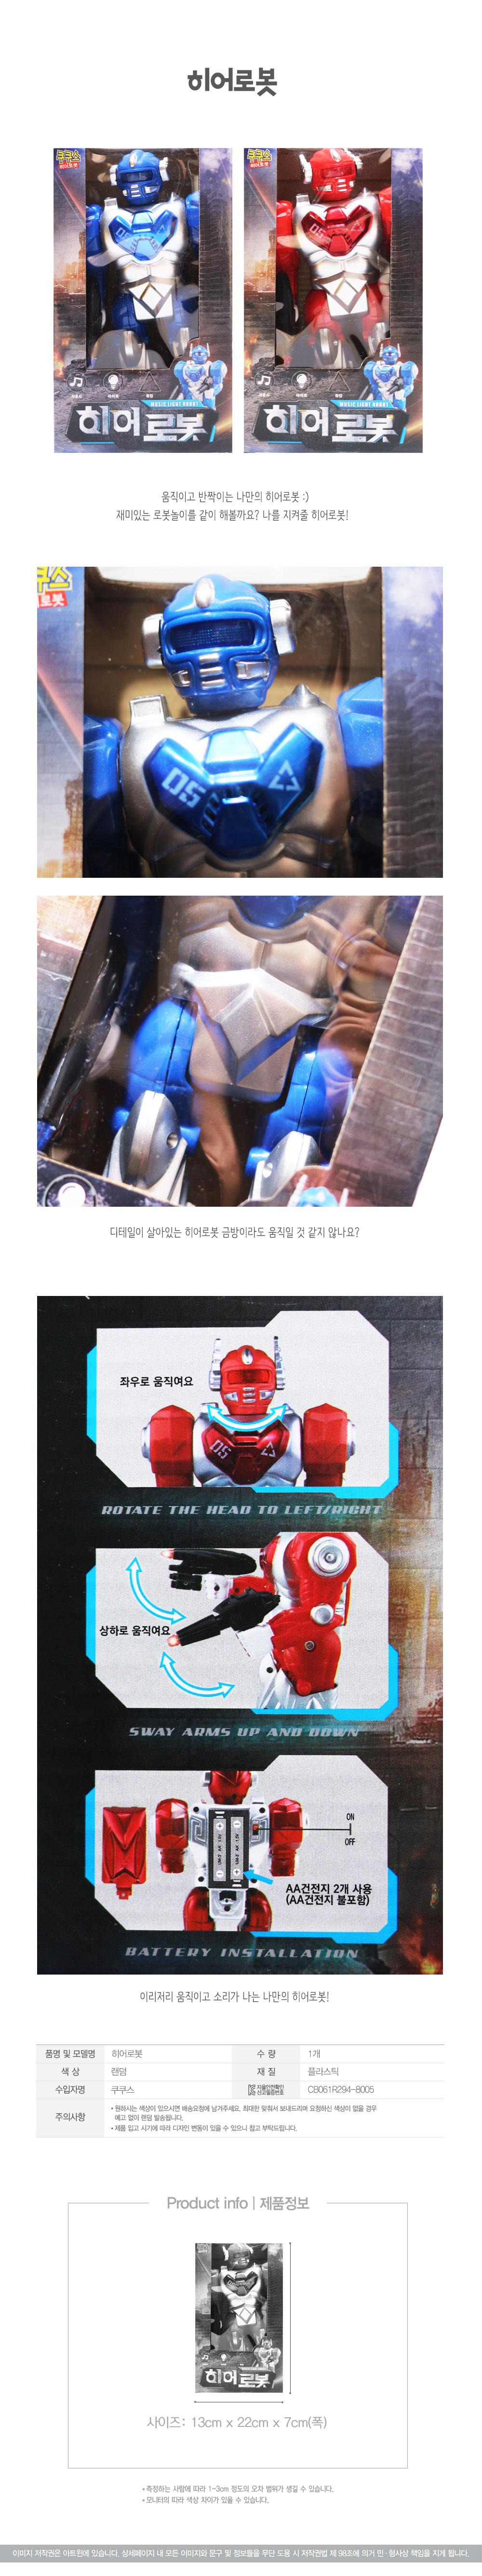 10000히어로봇 로봇장난감 불빛로봇 사운드로봇 로봇놀이 작동완구 - 아트윈, 7,700원, 로봇/틴토이, 로봇